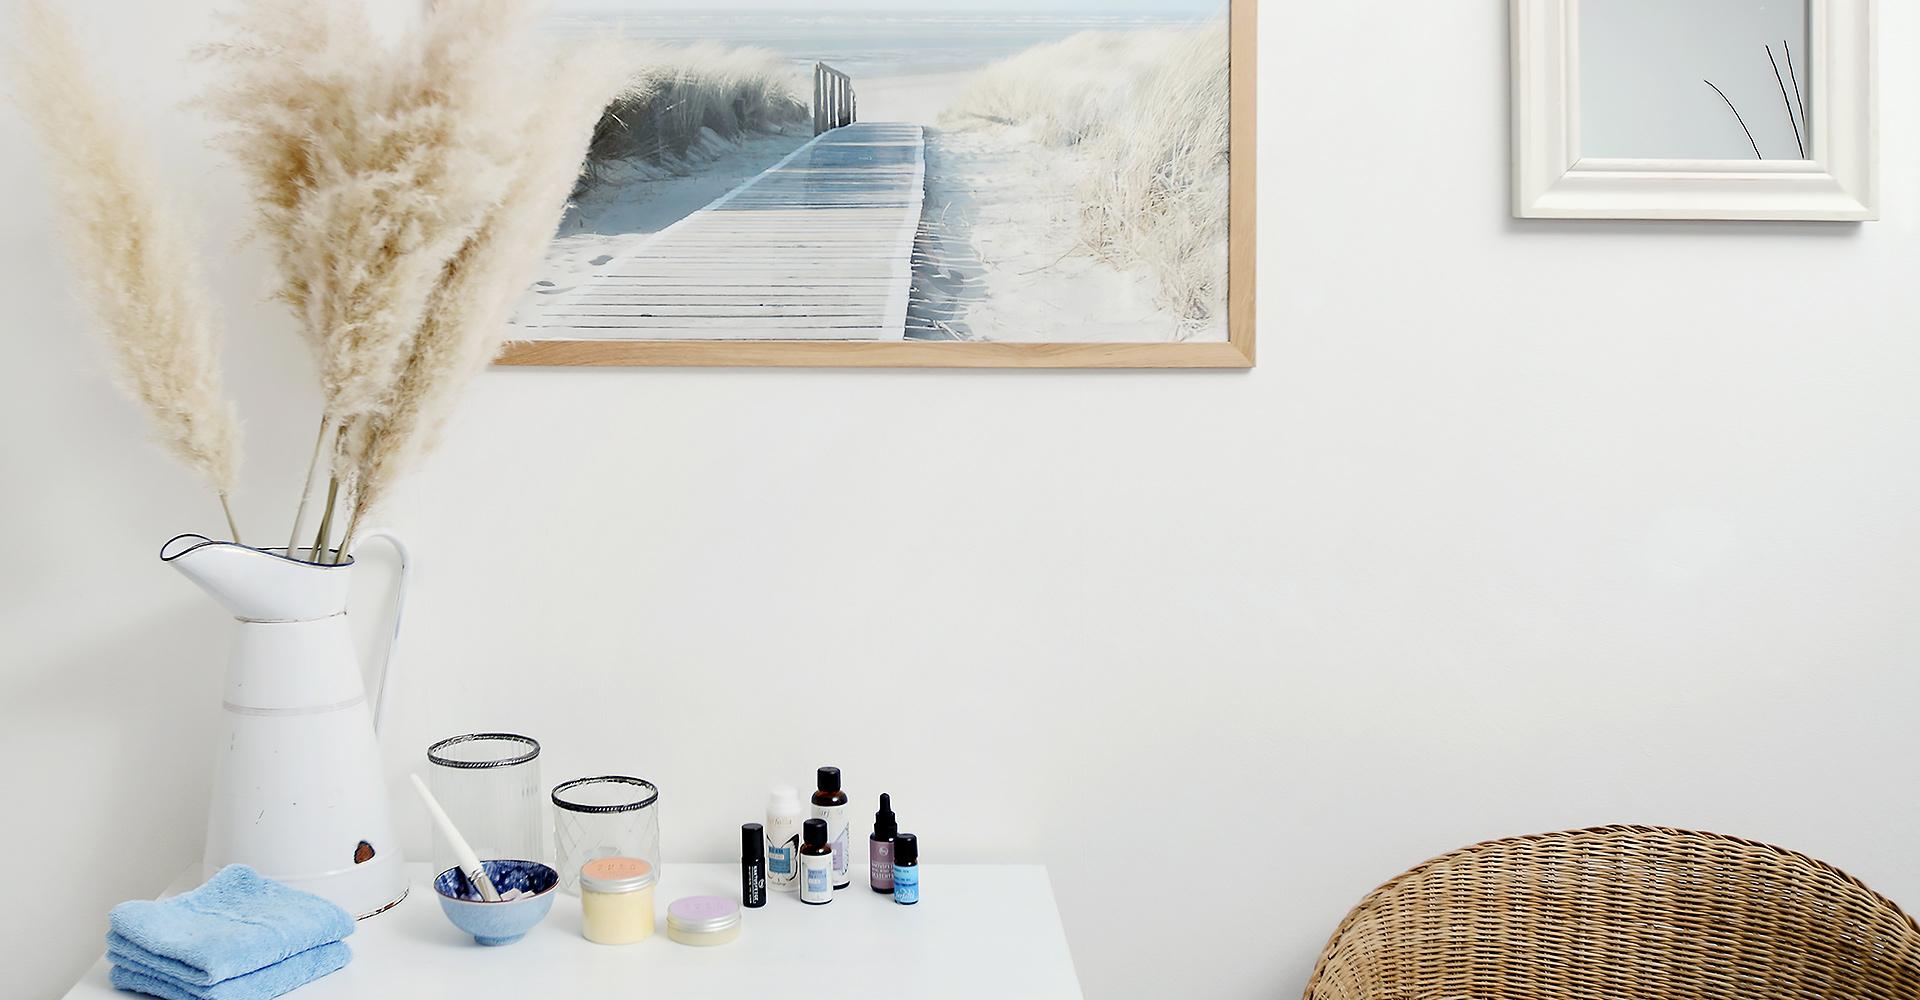 Beratung | Naturkosmetik-Studio in Zürich